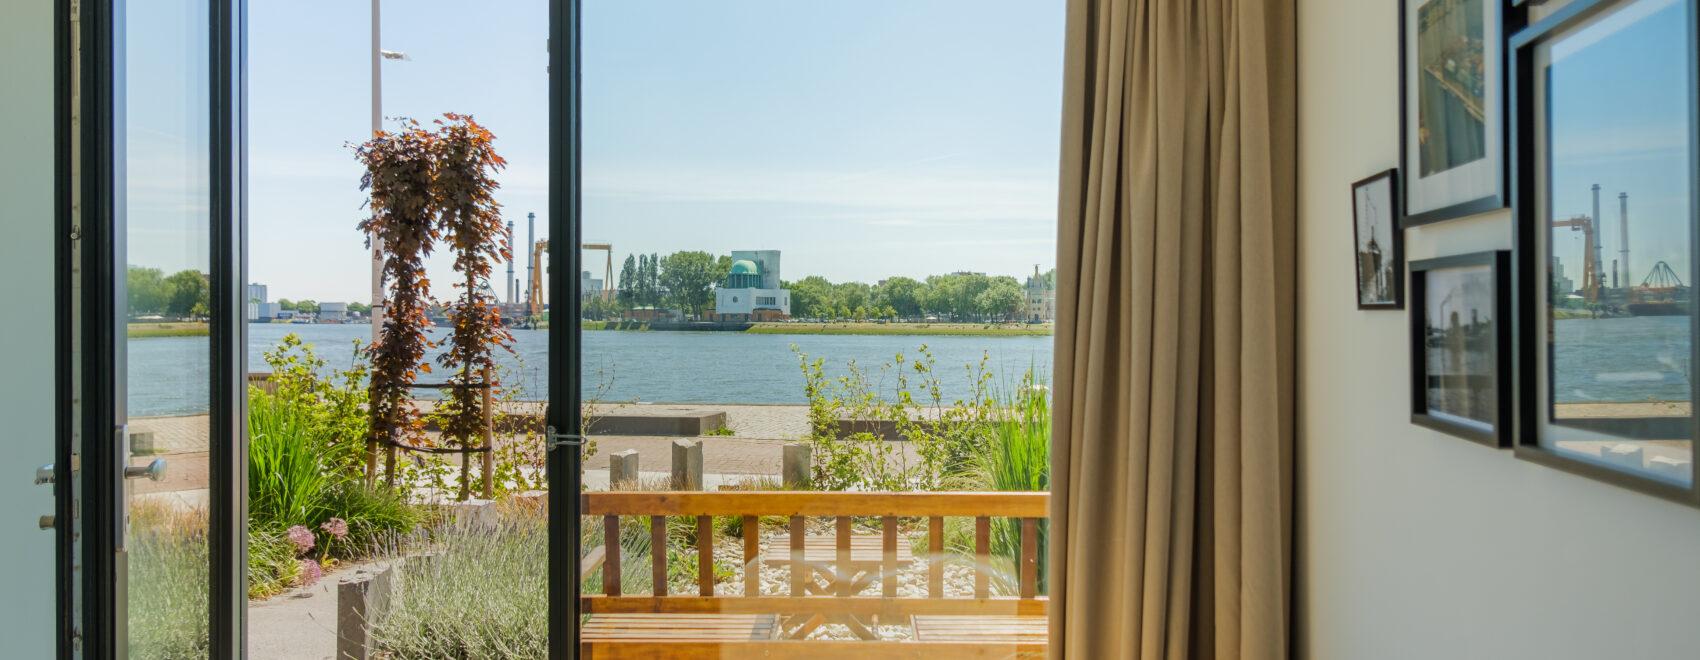 Uitzicht op de kade Maasview Bed en Breakfast Rotterdam